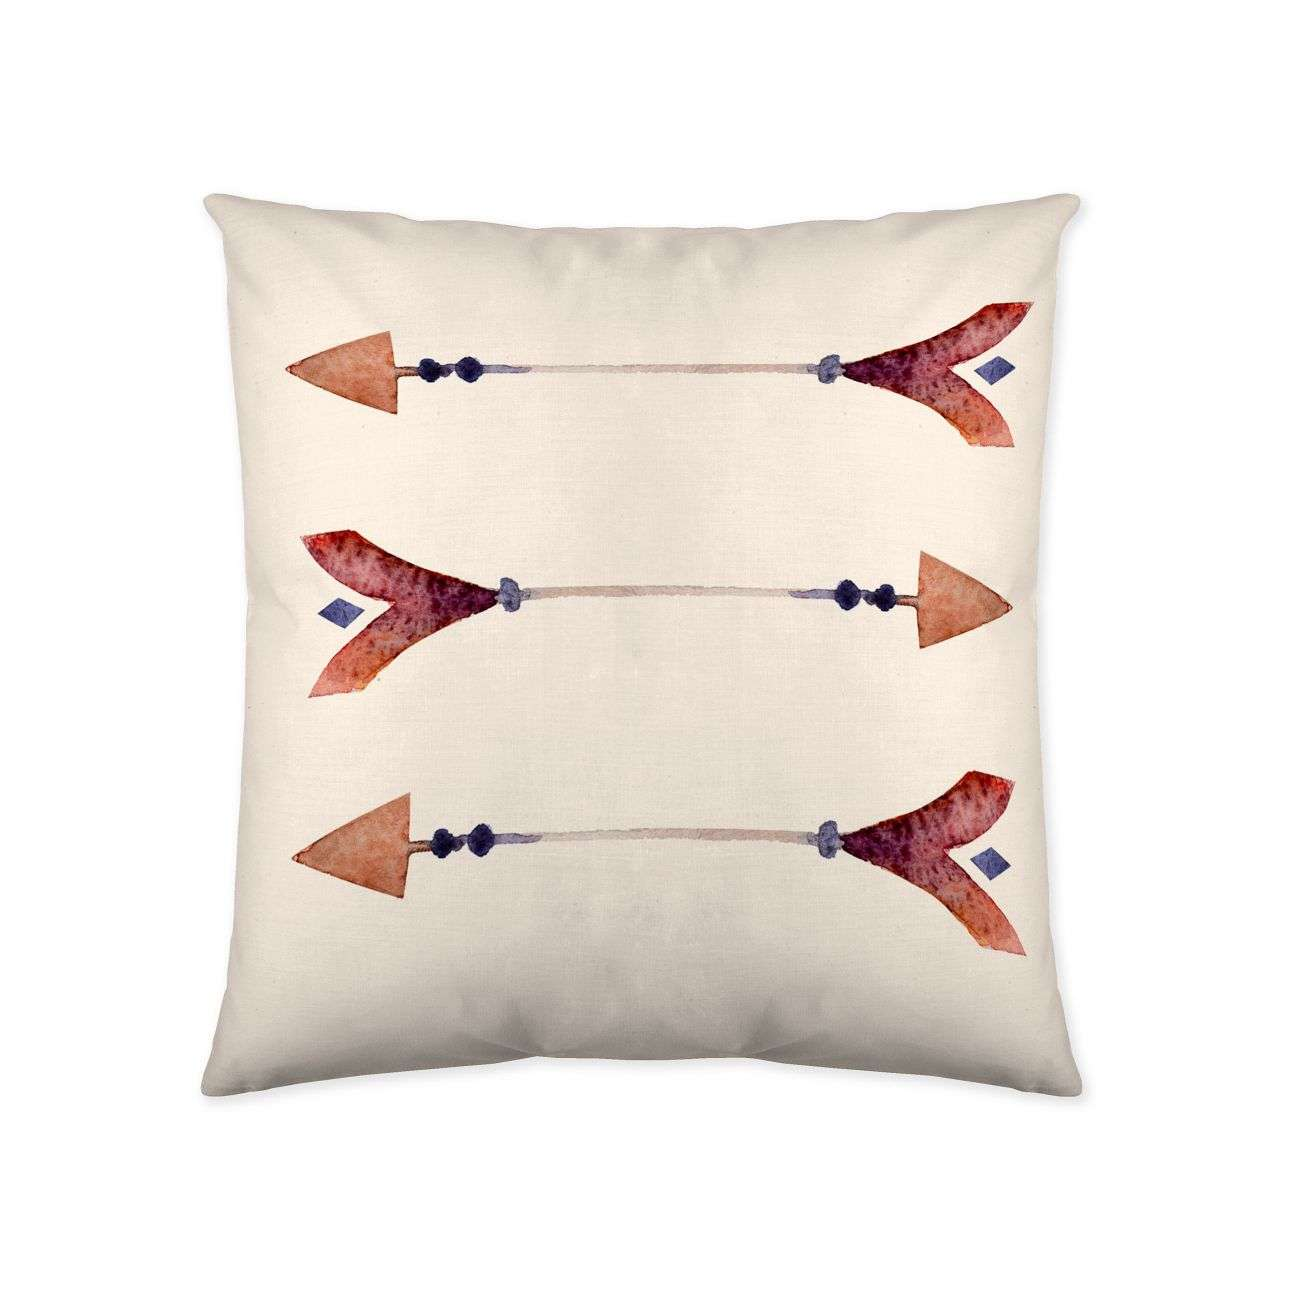 Kussenhoes Arrows 45x45cm